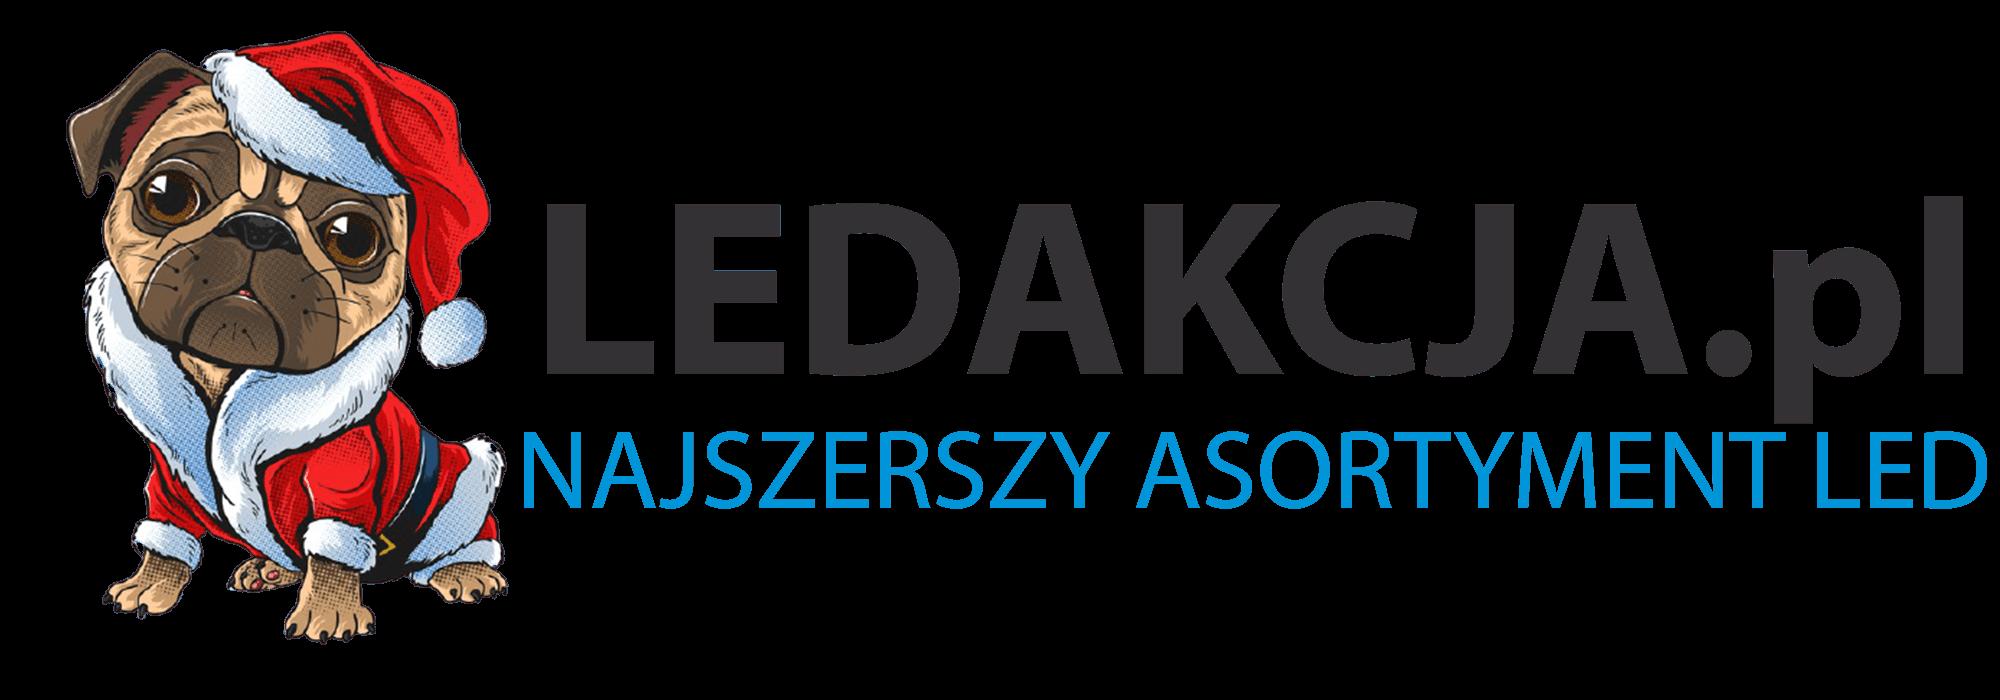 LEDAKCJA.pl